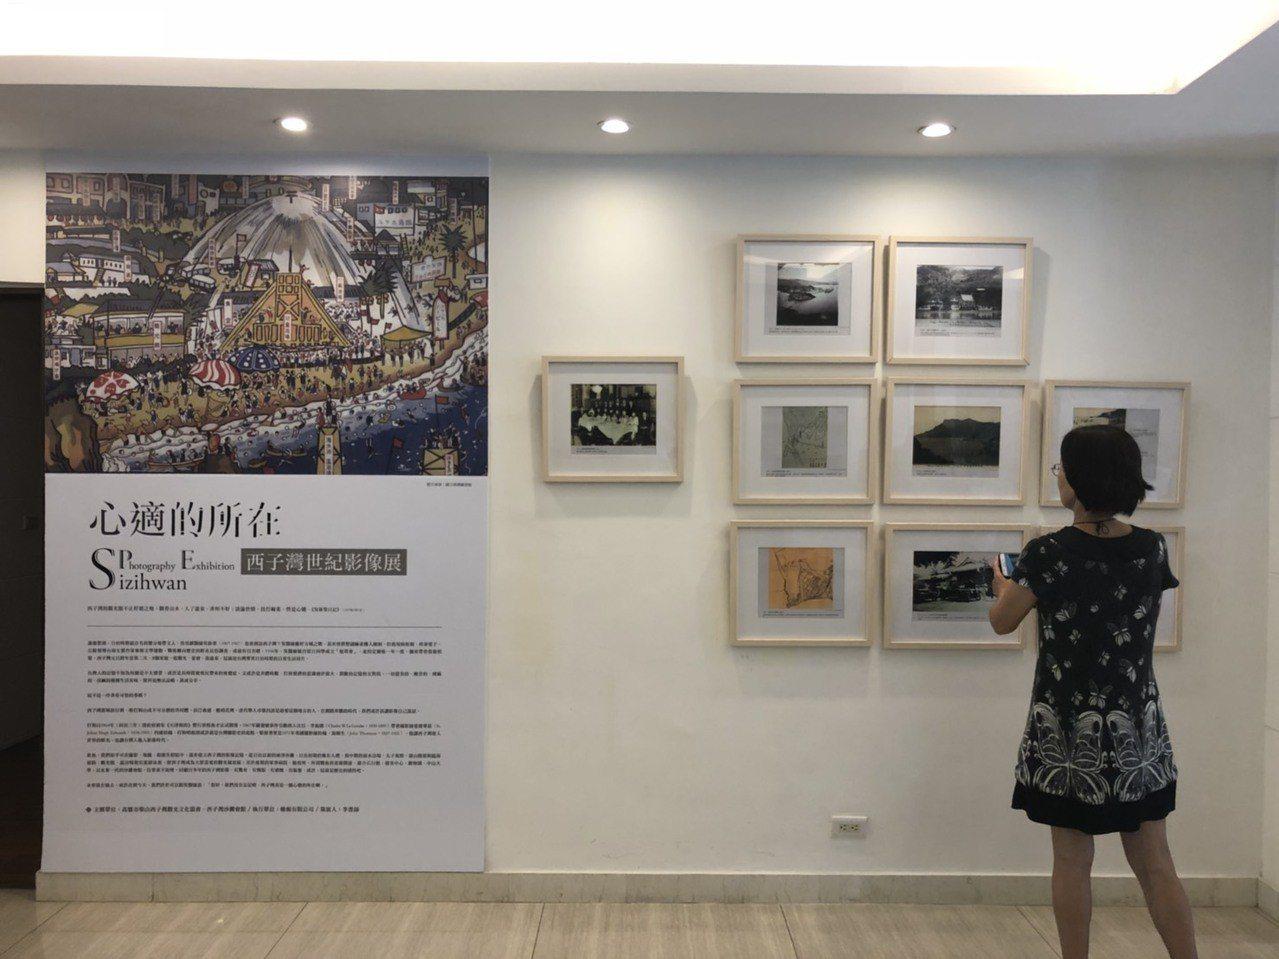 西子灣世紀影像展今天起在西灣會館展出。記者謝梅芬/攝影 ...